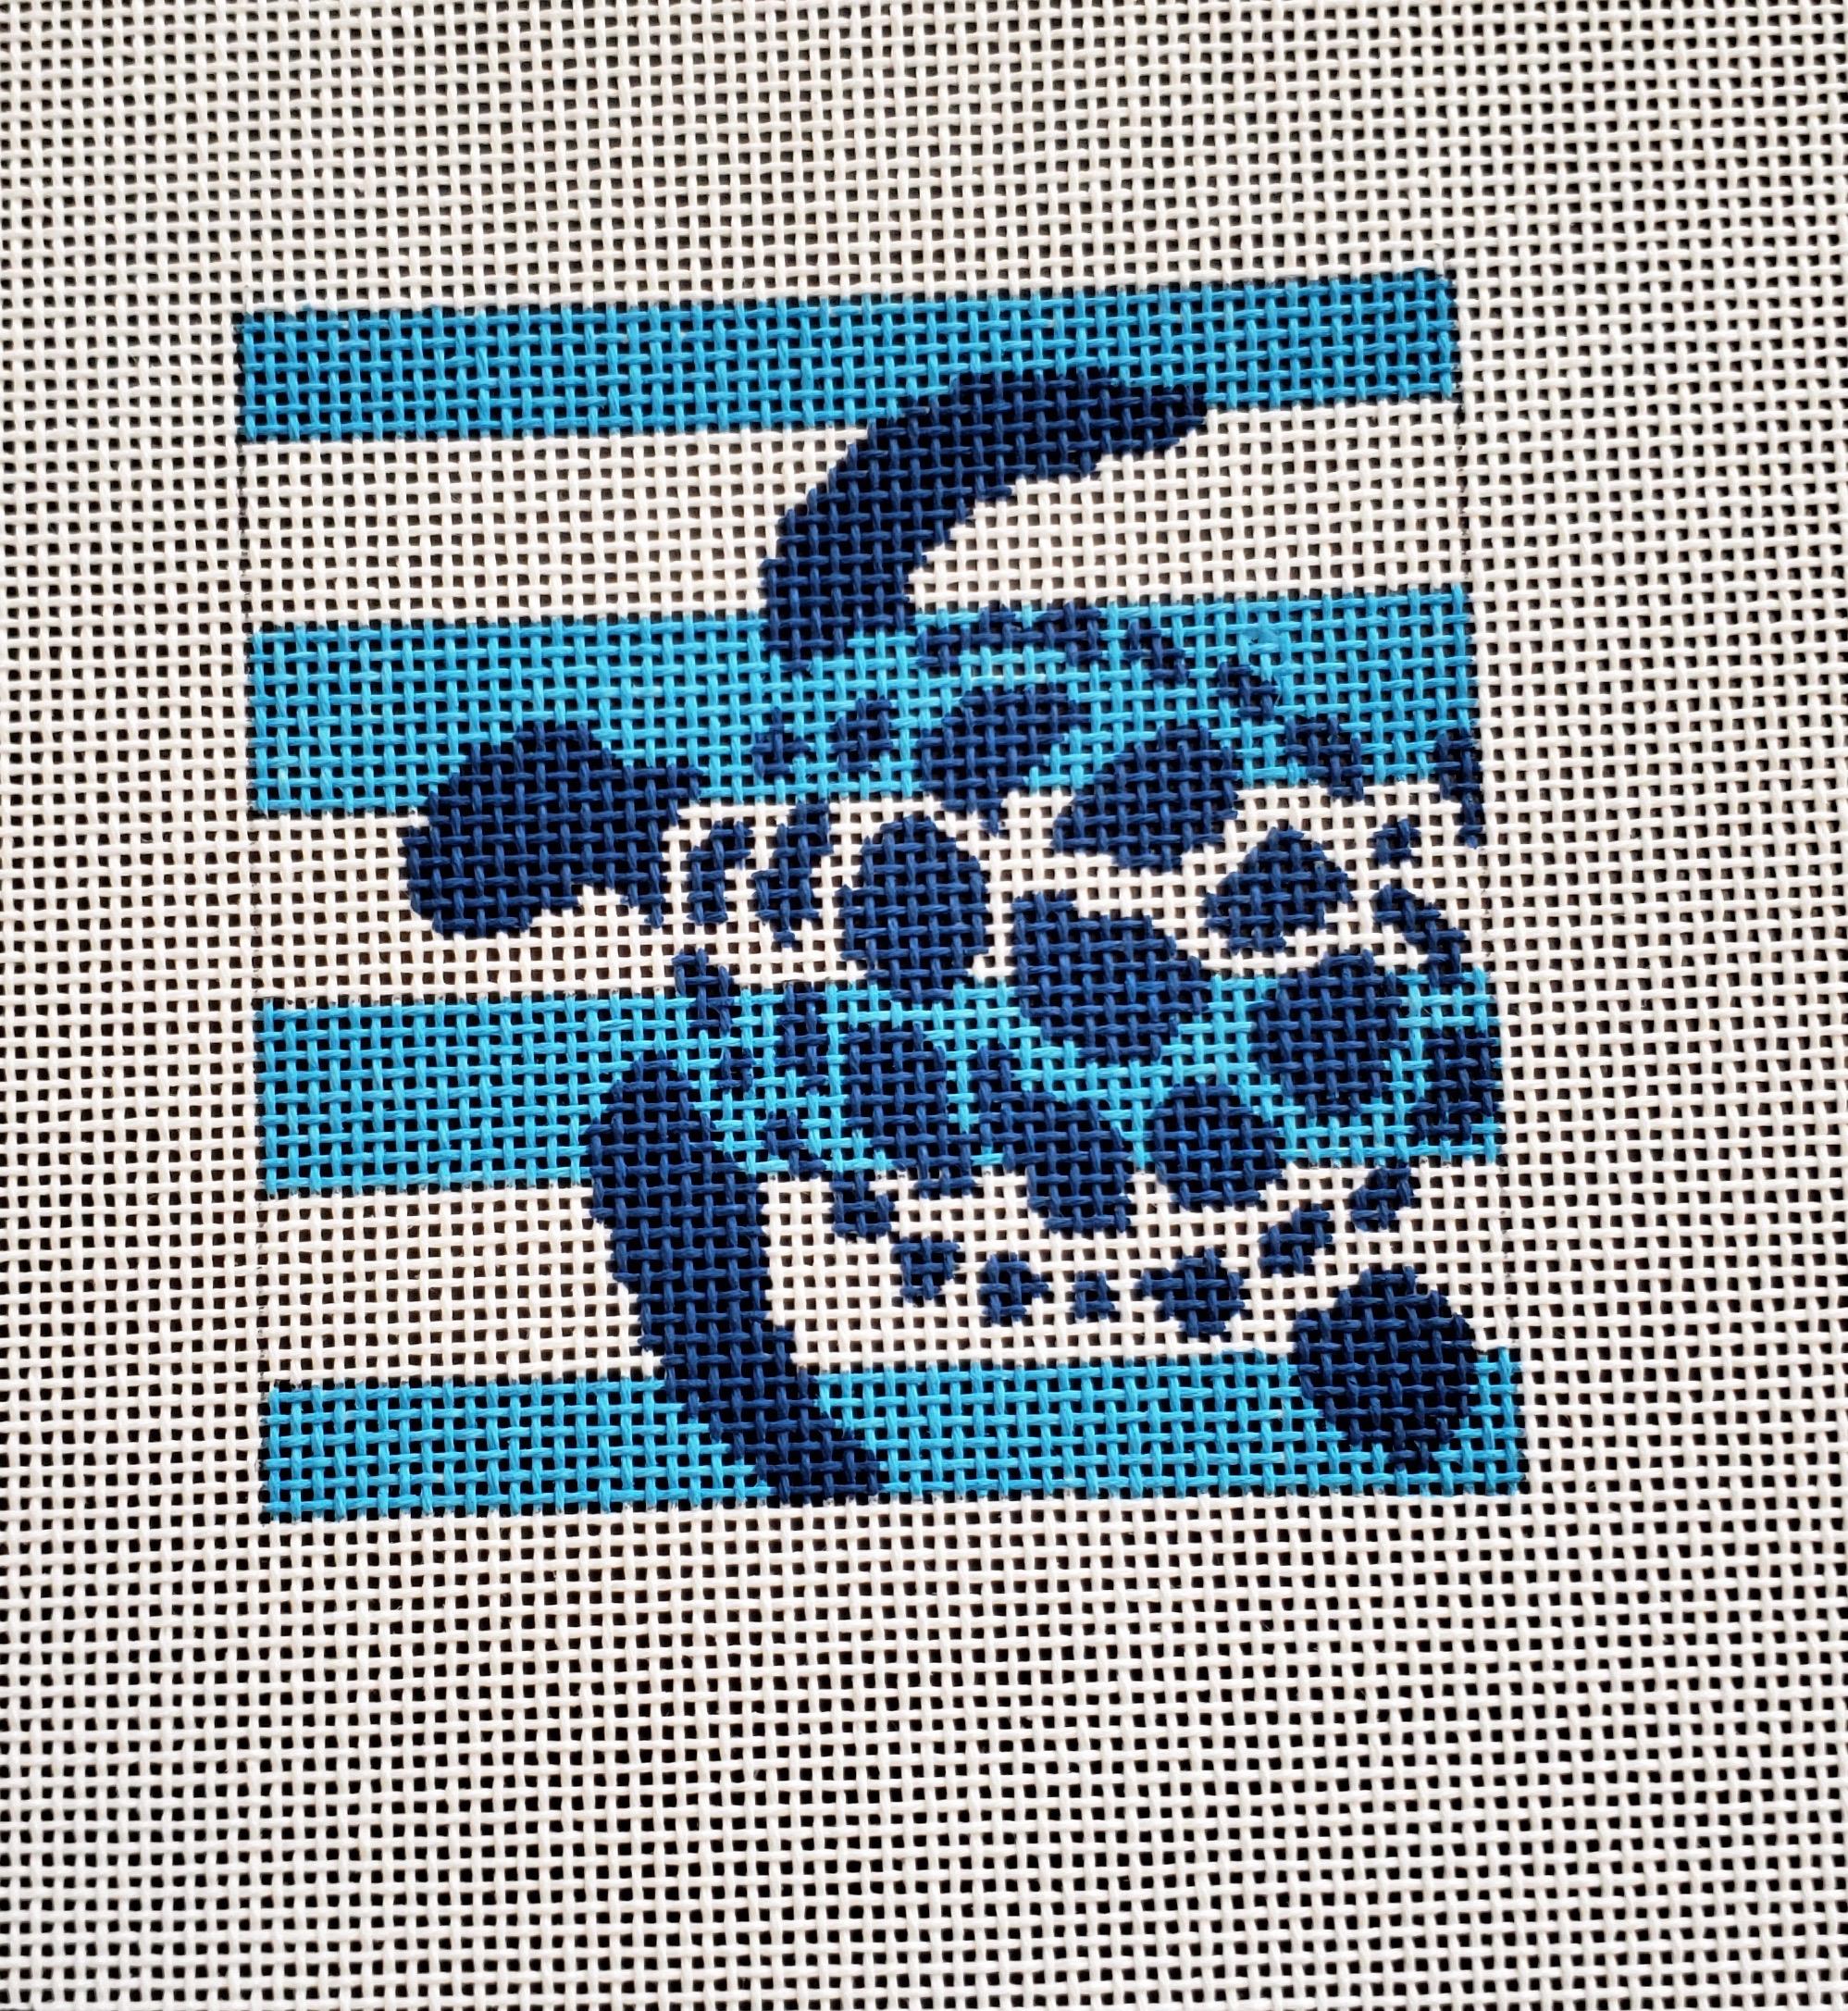 Sea Turtle Stencil Insert